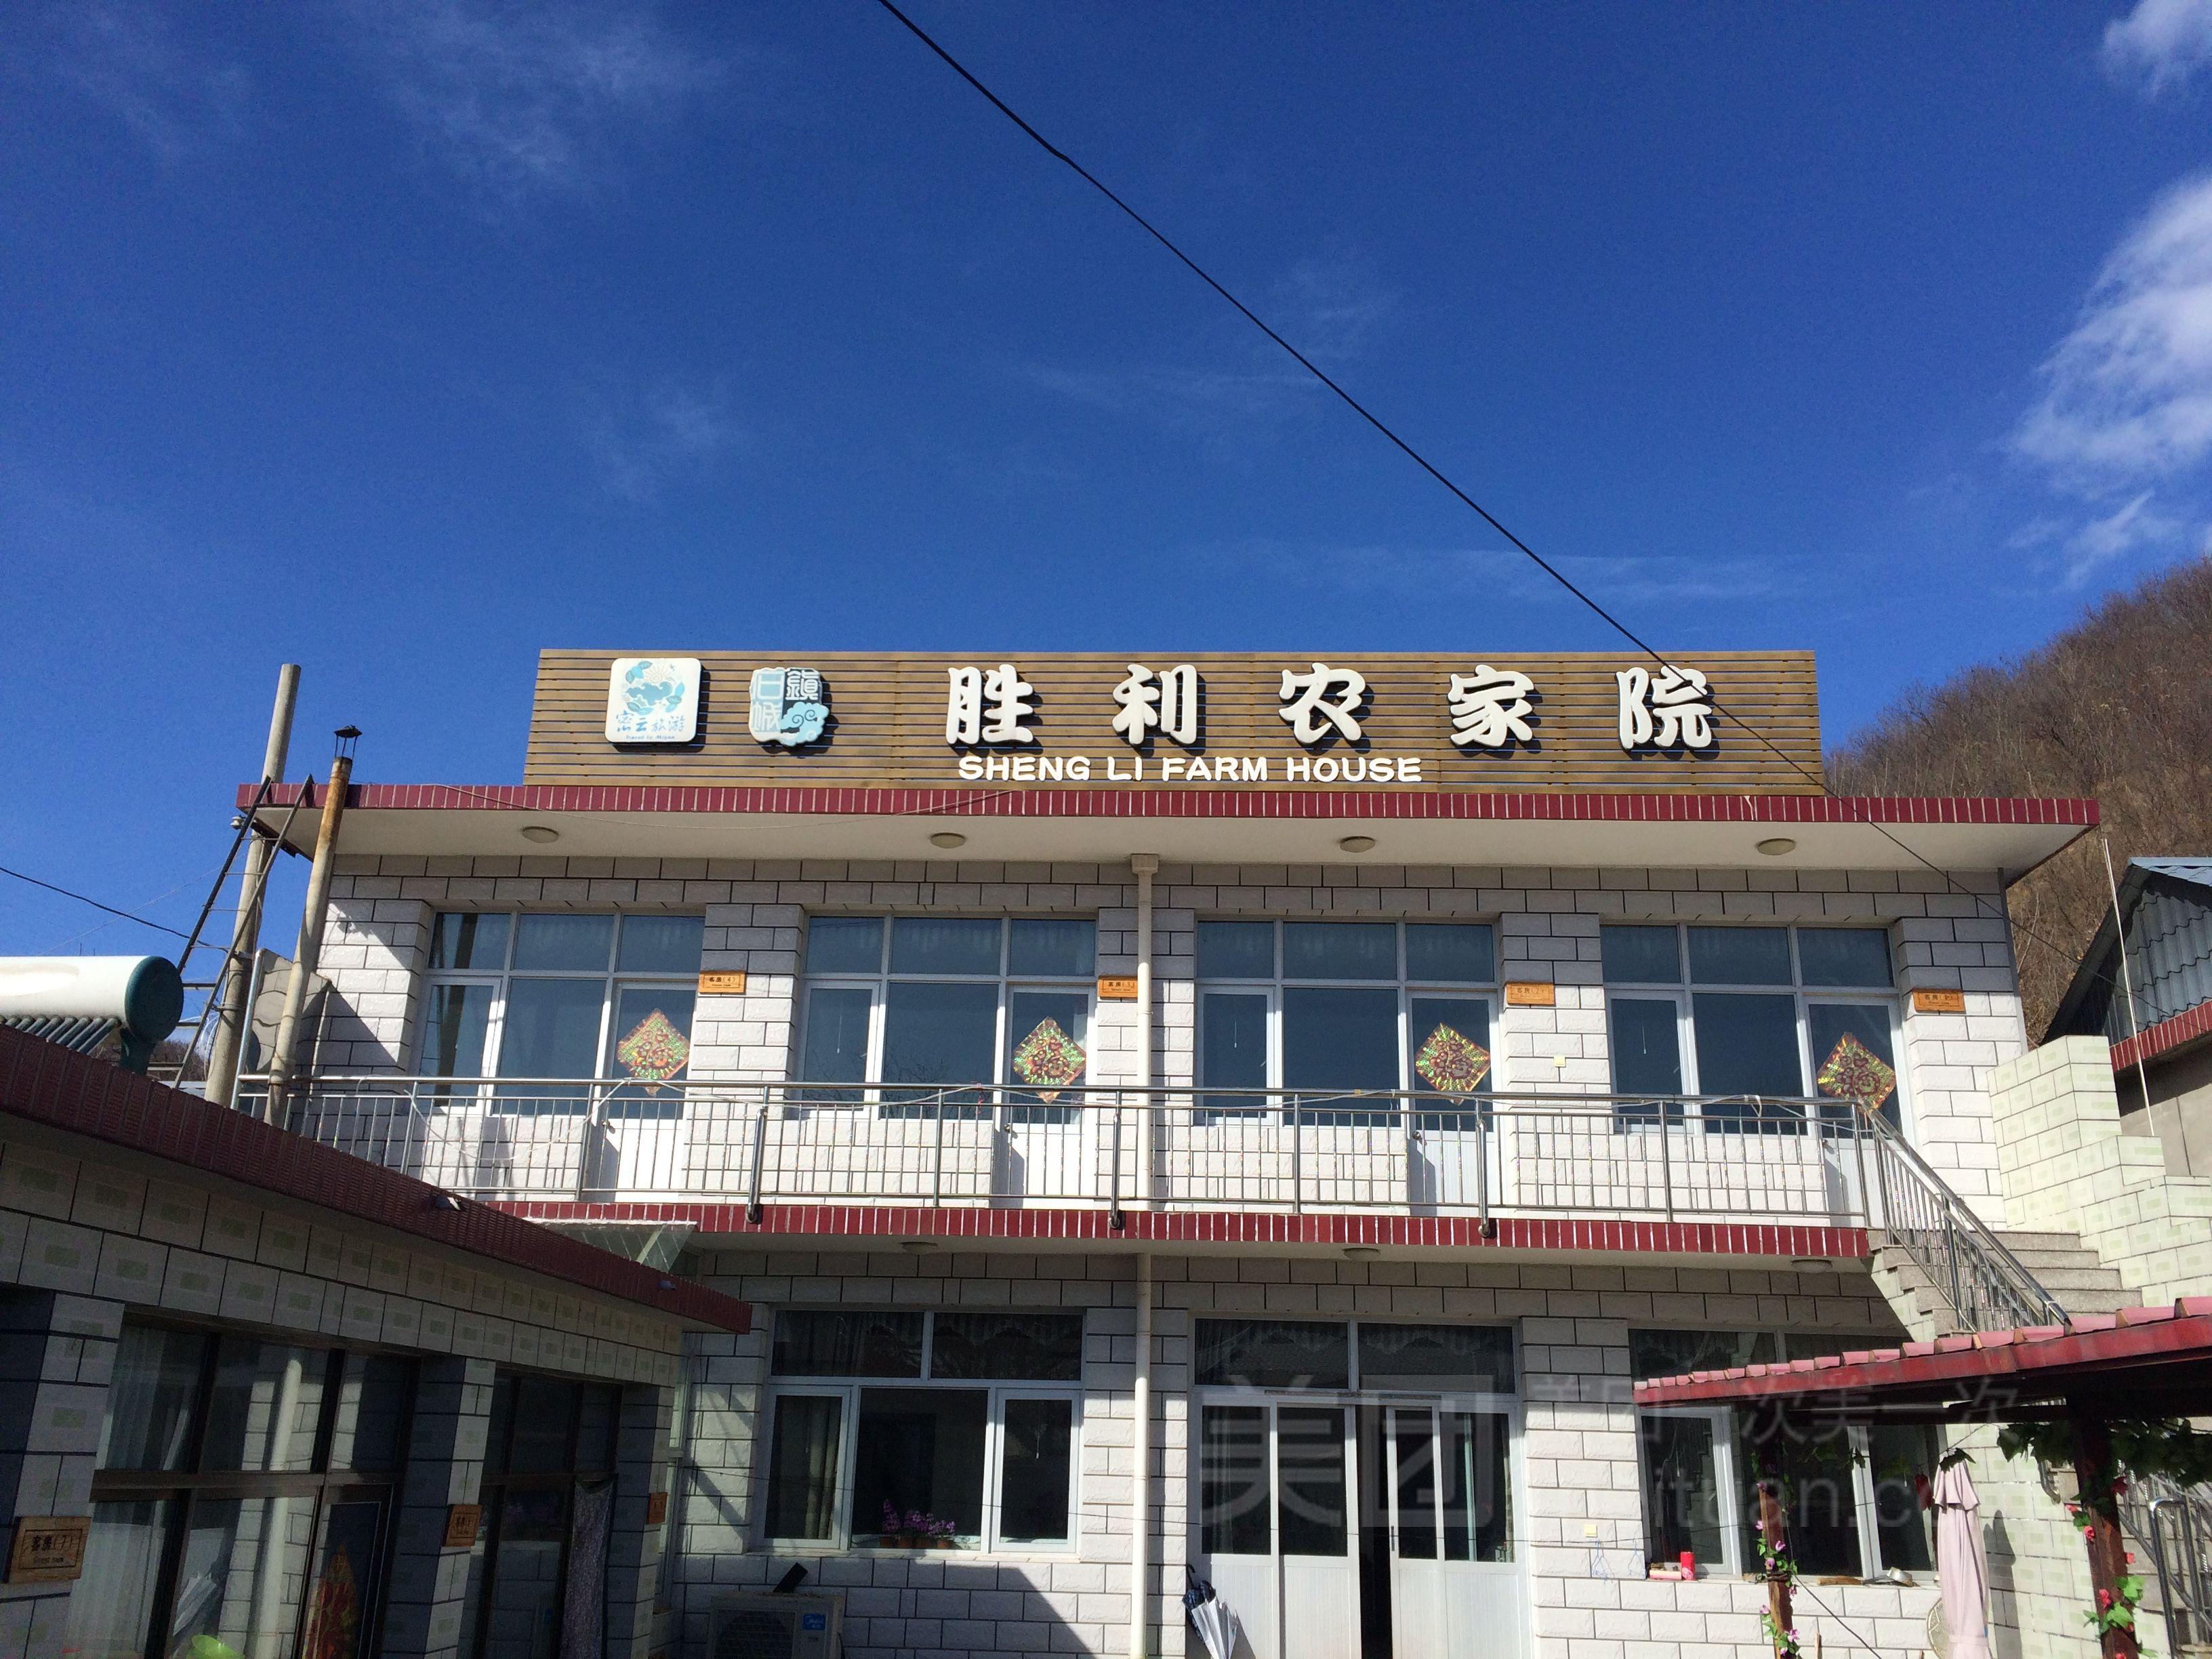 桃源仙谷胜利农家院预订/团购